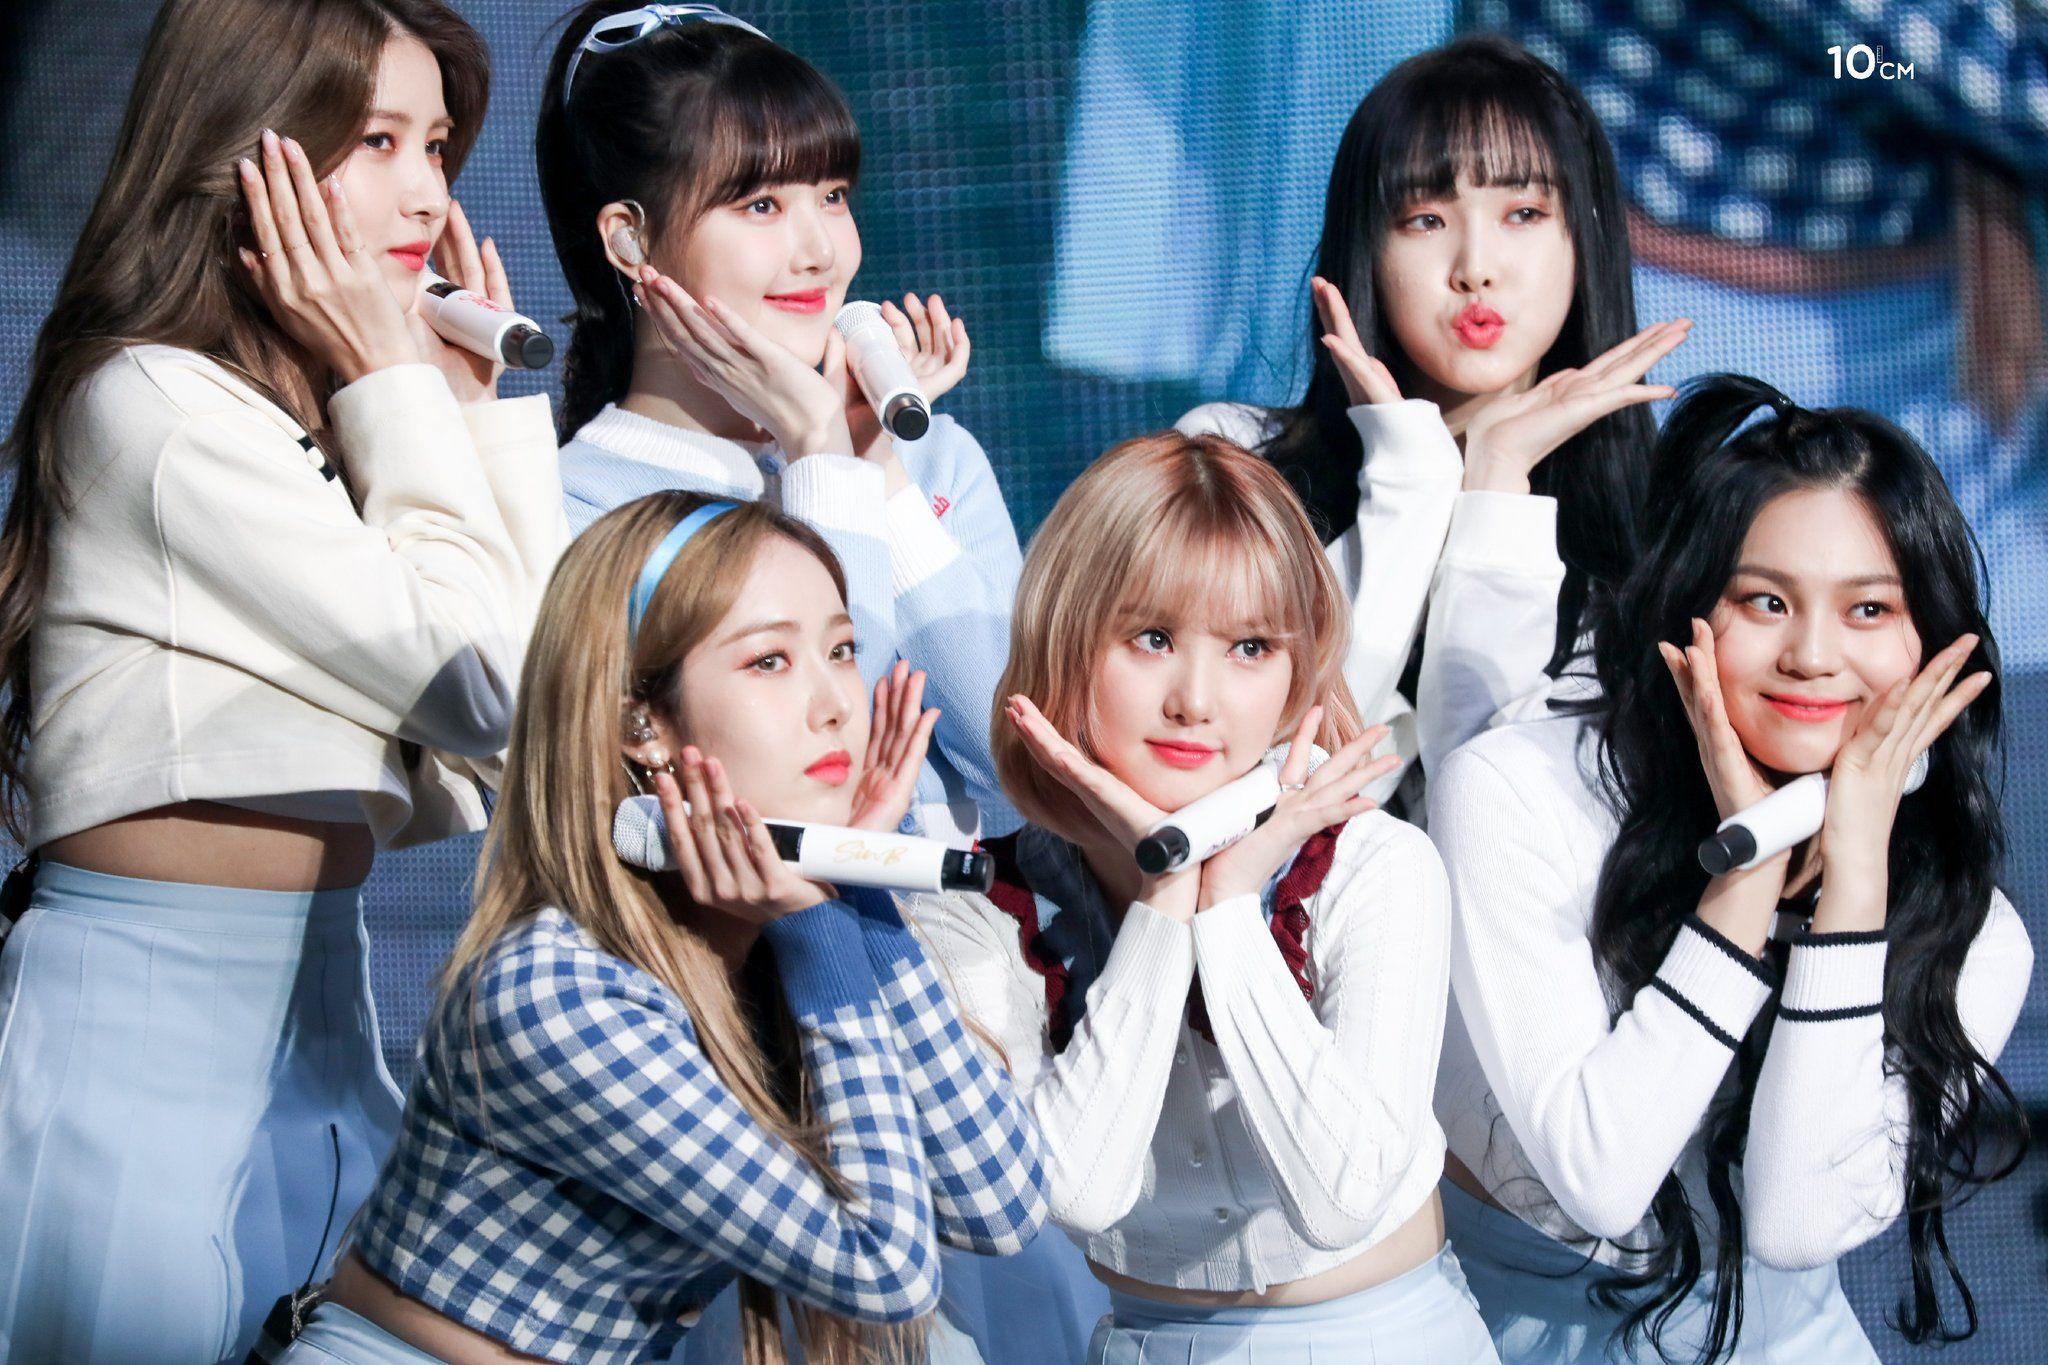 10cm On Twitter Kpop Girls South Korean Girls Girl Group